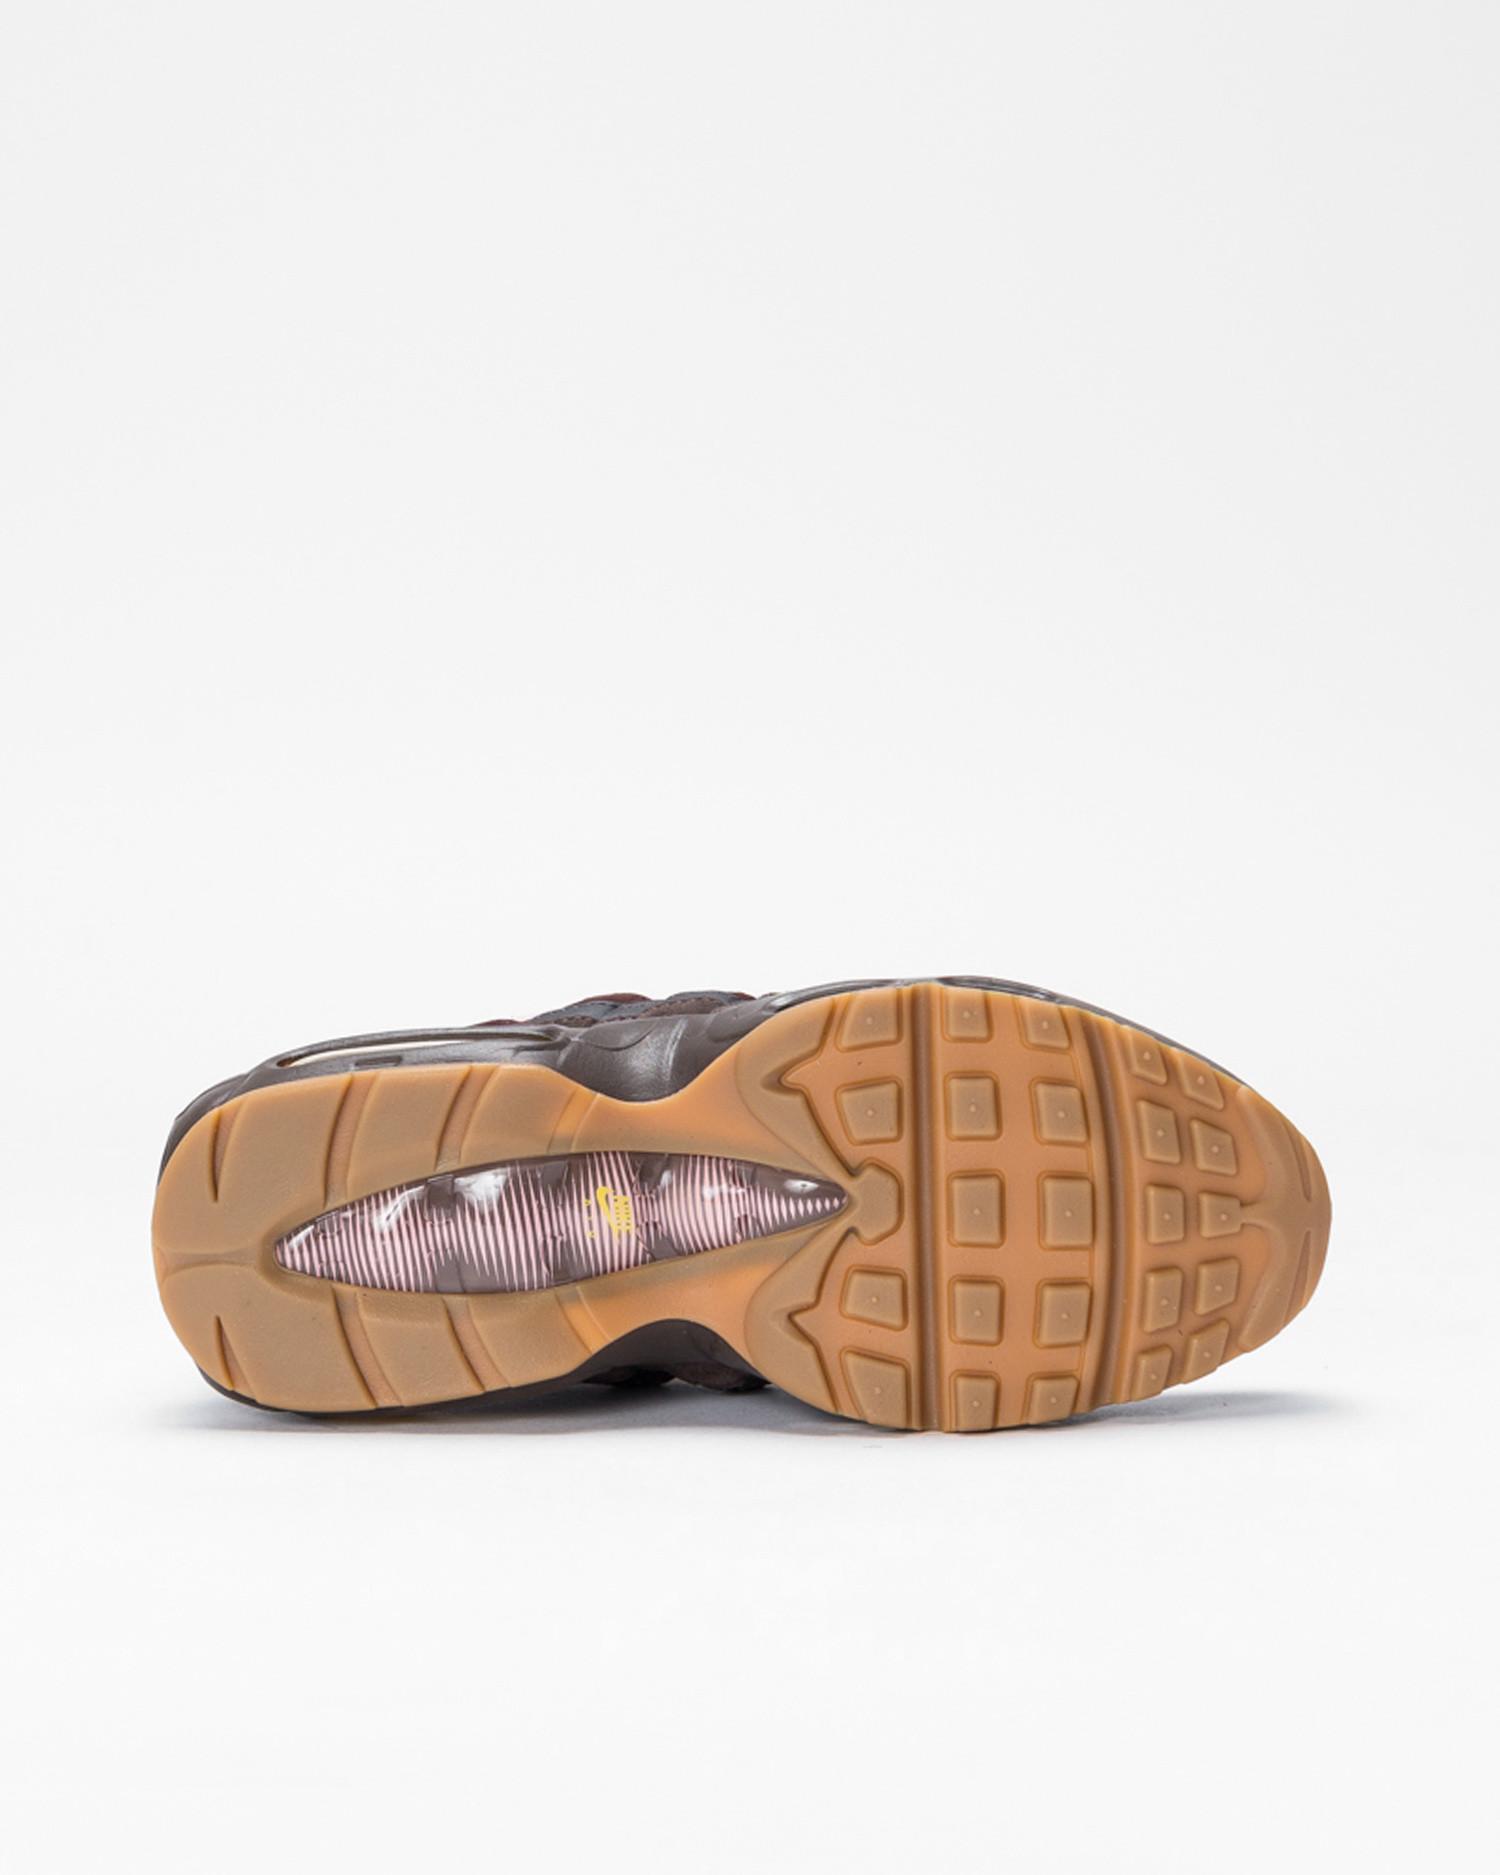 Nike Wmns Air Max 95 velvet brown/opti yellow-lt british tan